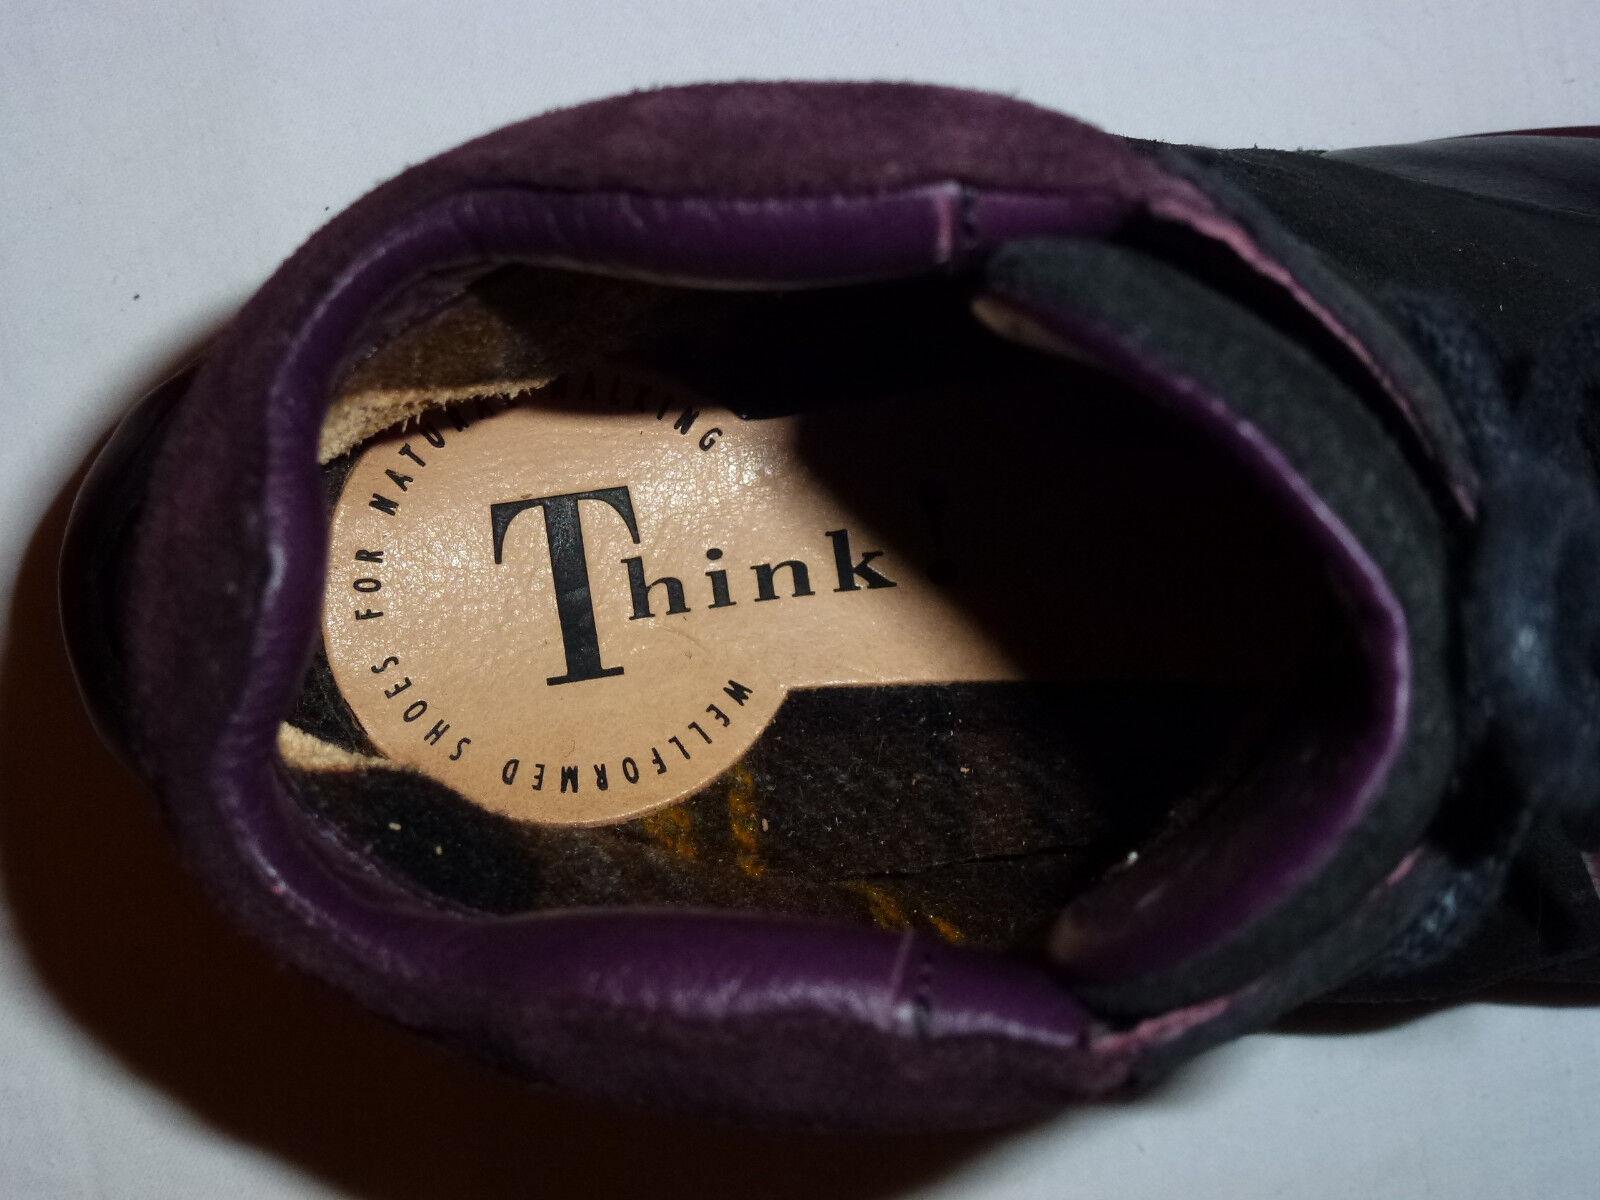 Think Stiefeletten Boots Cookie - Gr 37 - schwarz - gefüttert - Blogger - 9,7/10